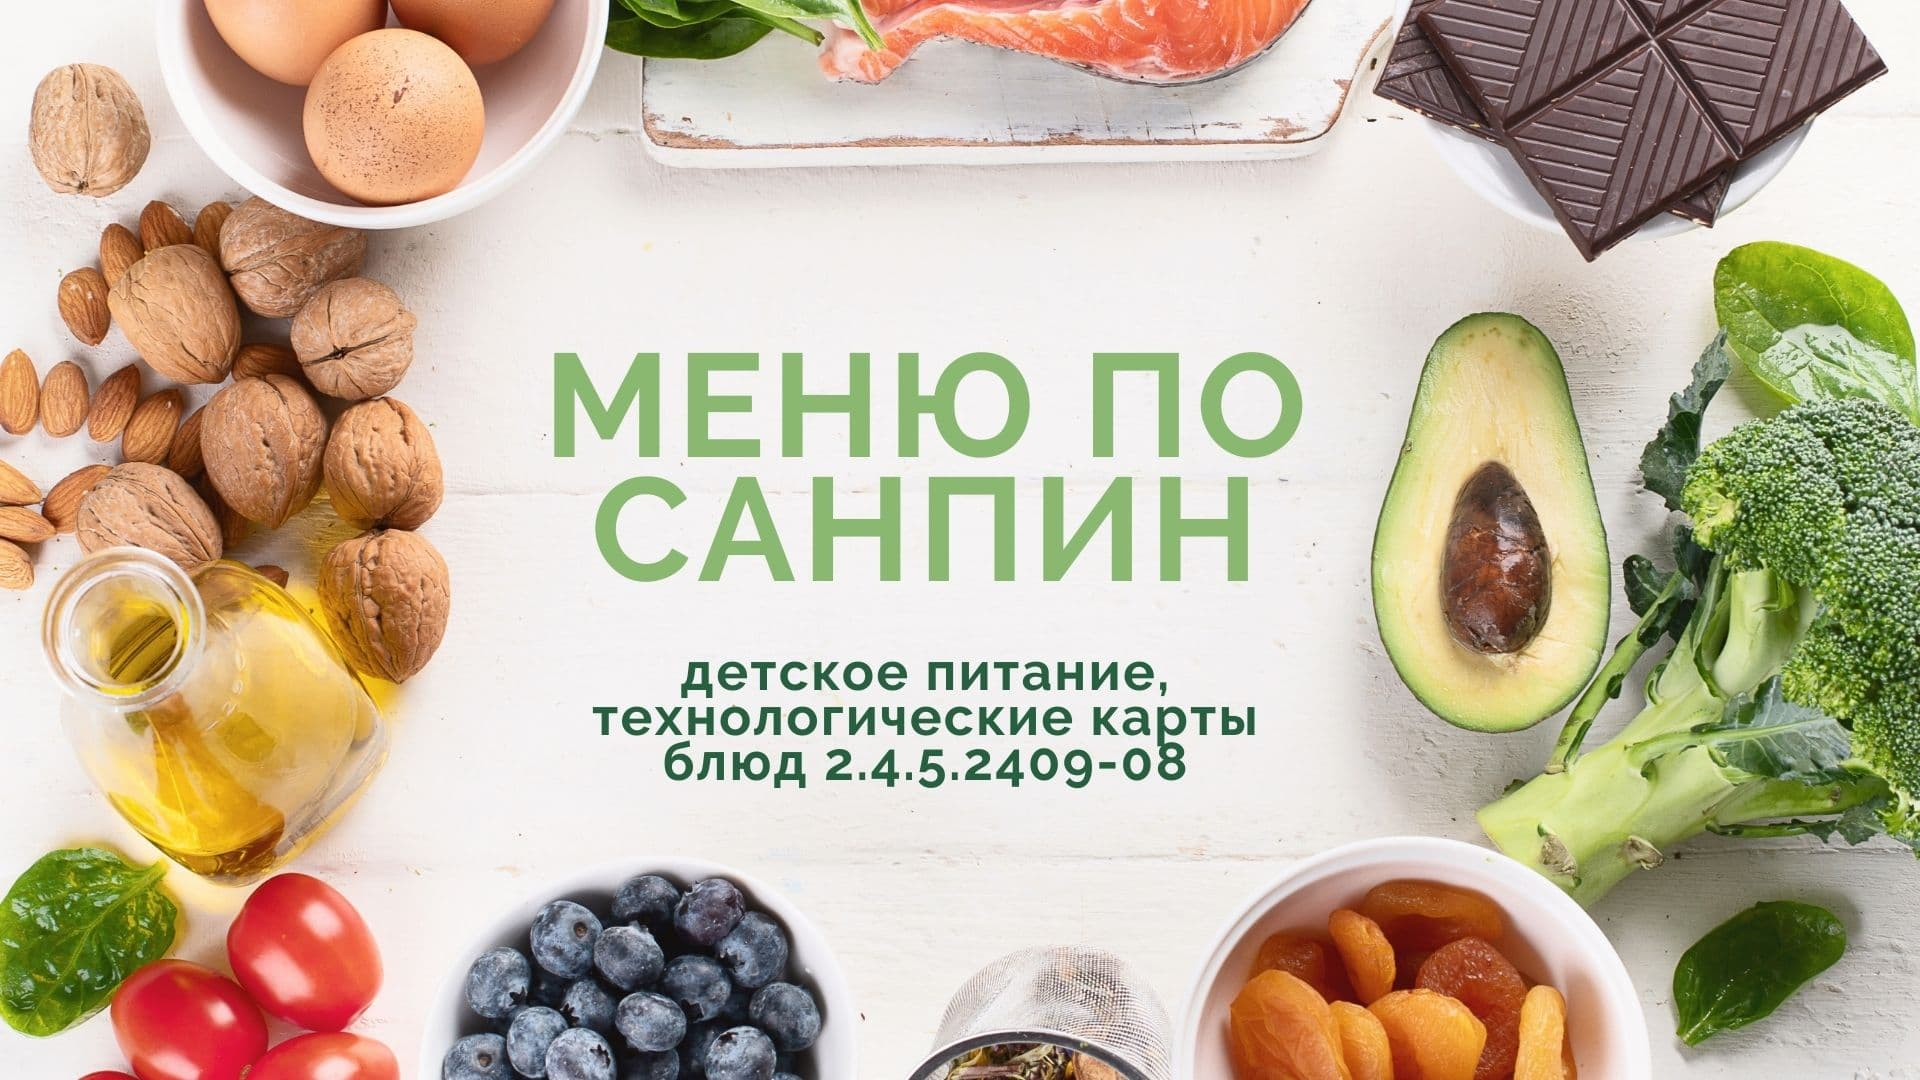 Меню по СанПин: детское питание, технологические карты блюд 2.4.5.2409-08